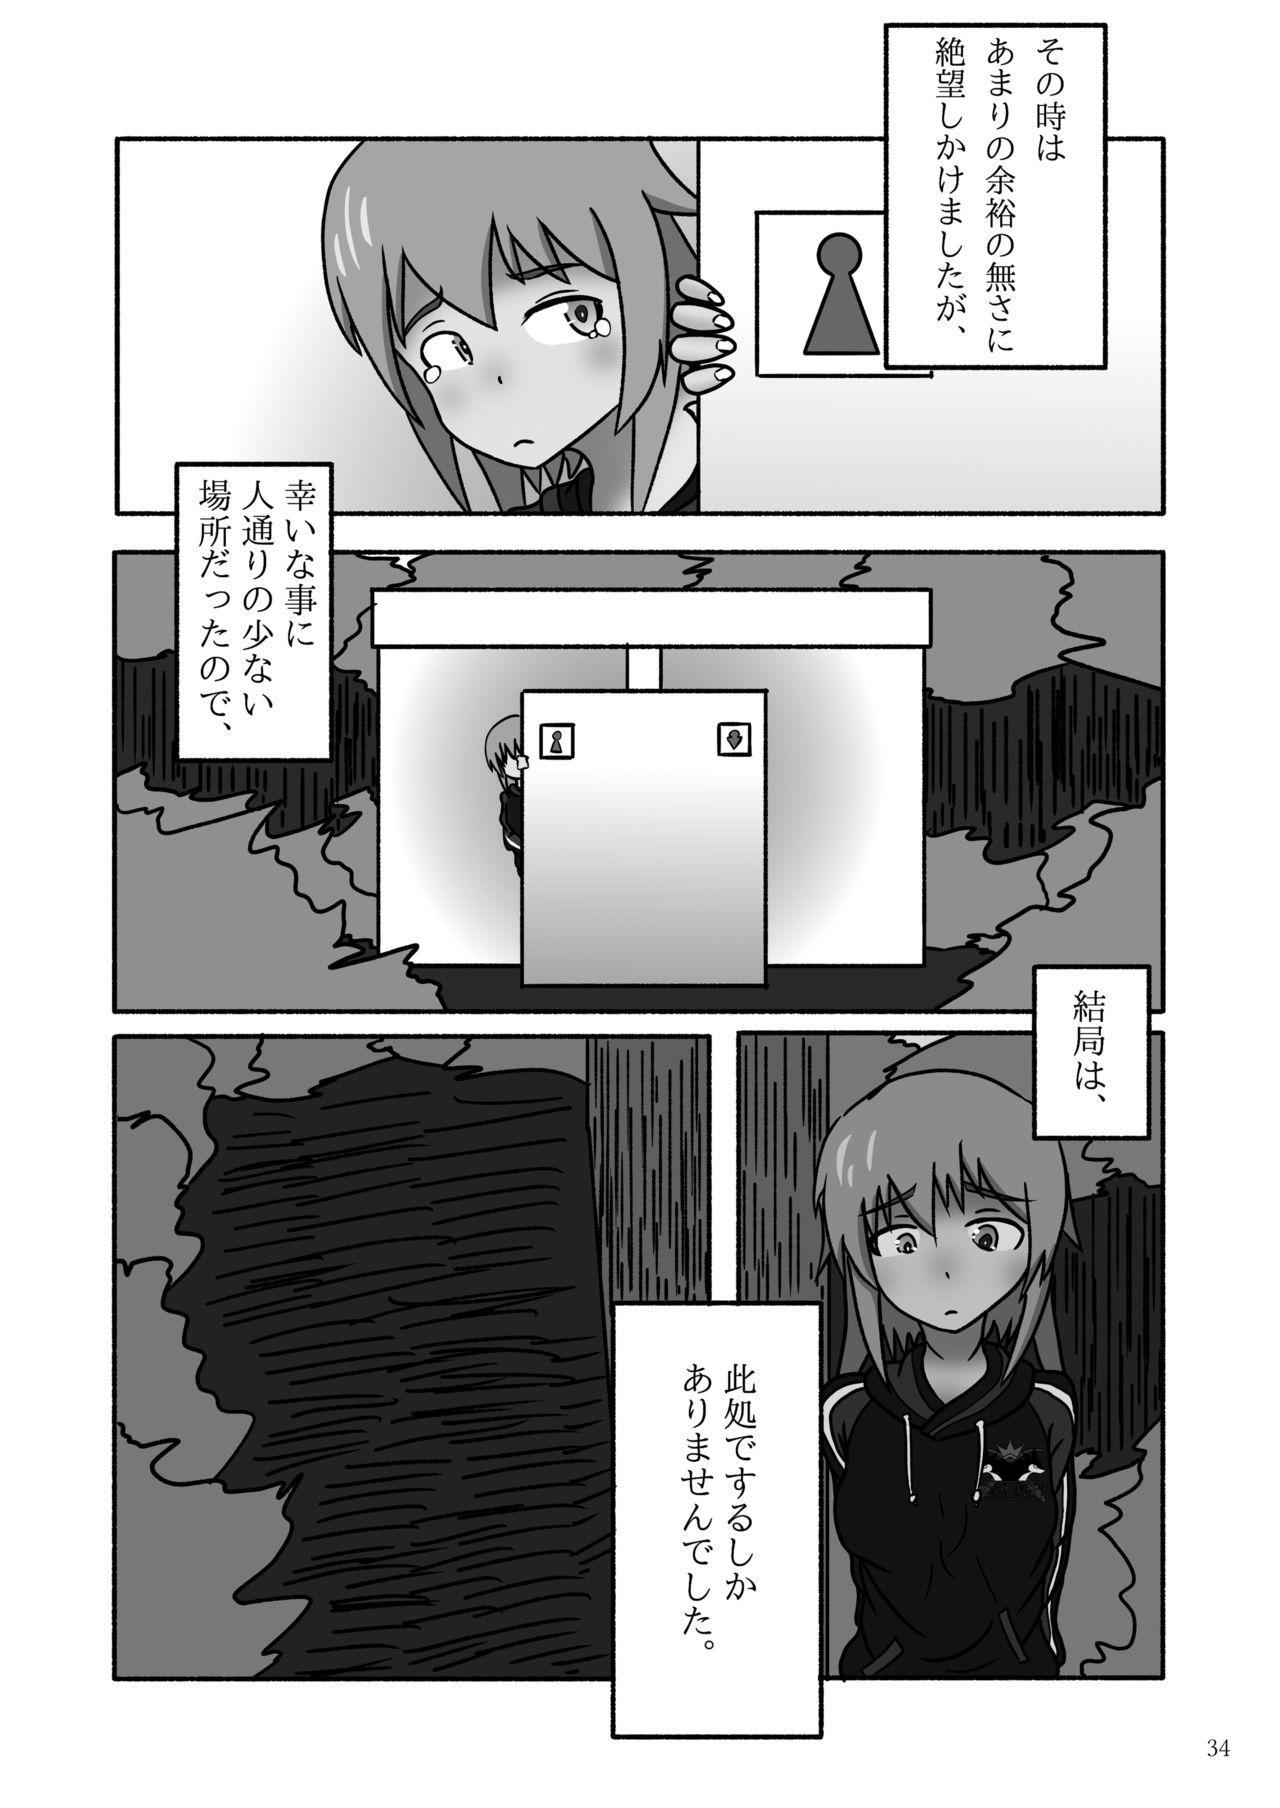 ア○スギア総合スカトロアンソロジー アクトレス排泄実態調査任務~スカポためるっすか!?~ 33